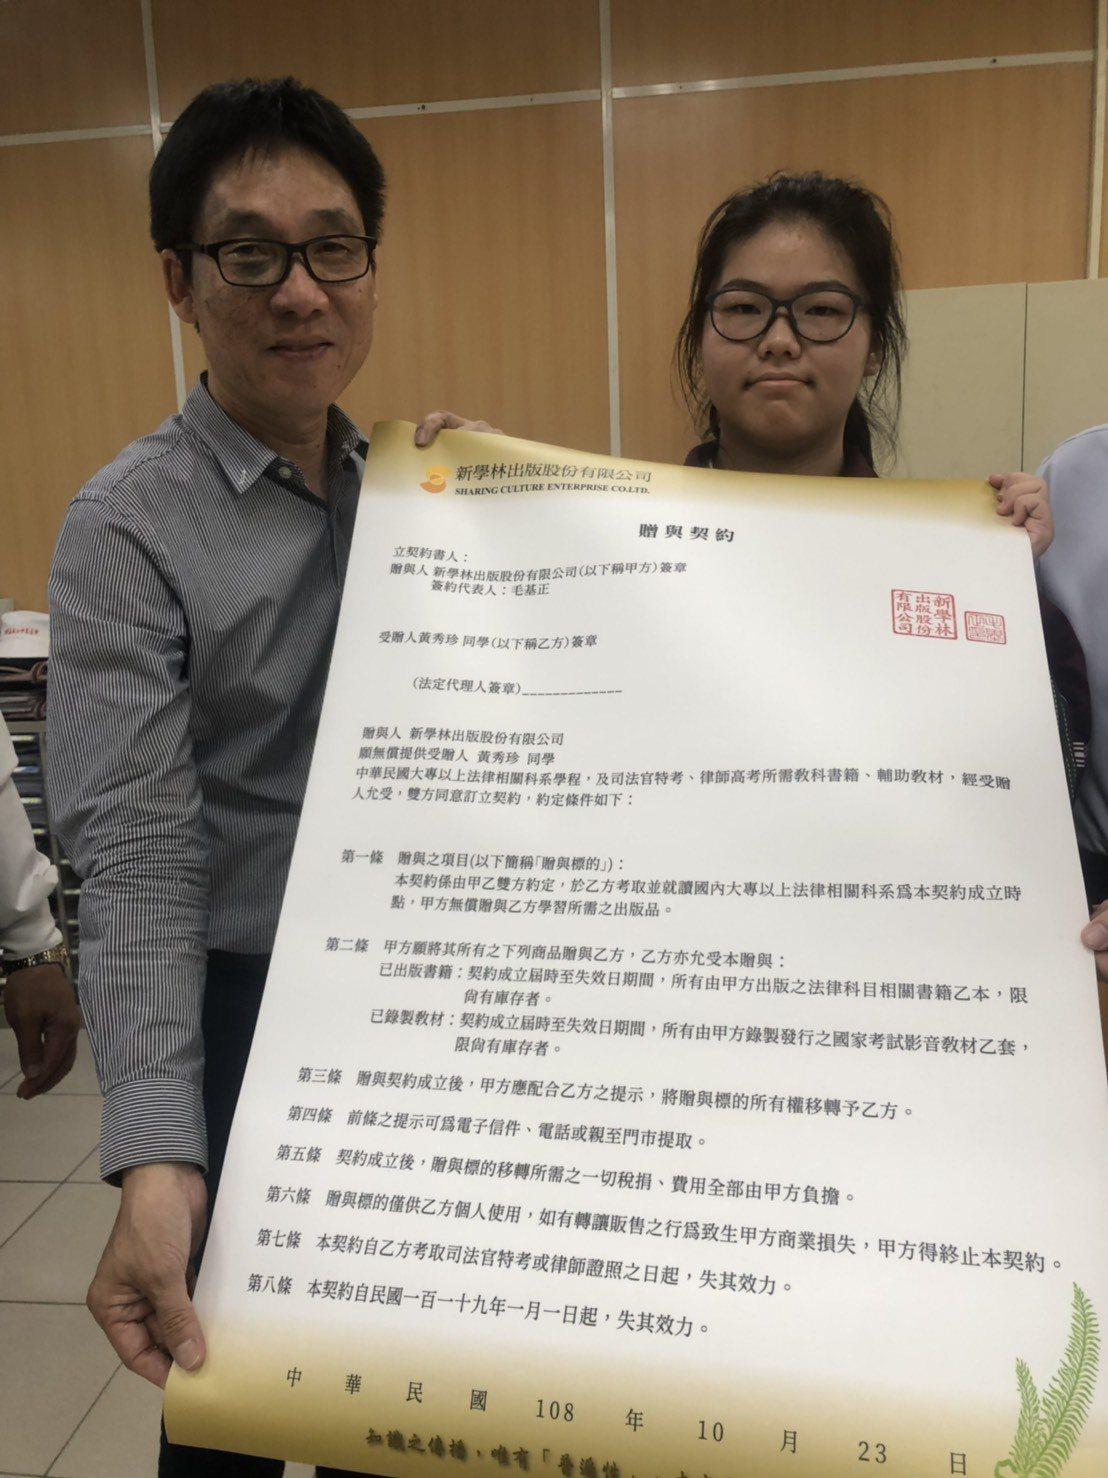 嘉義女中學生黃秀珍(右)與新學林法律出版社總經理毛基正簽定「贈與契約」,未來讀法...